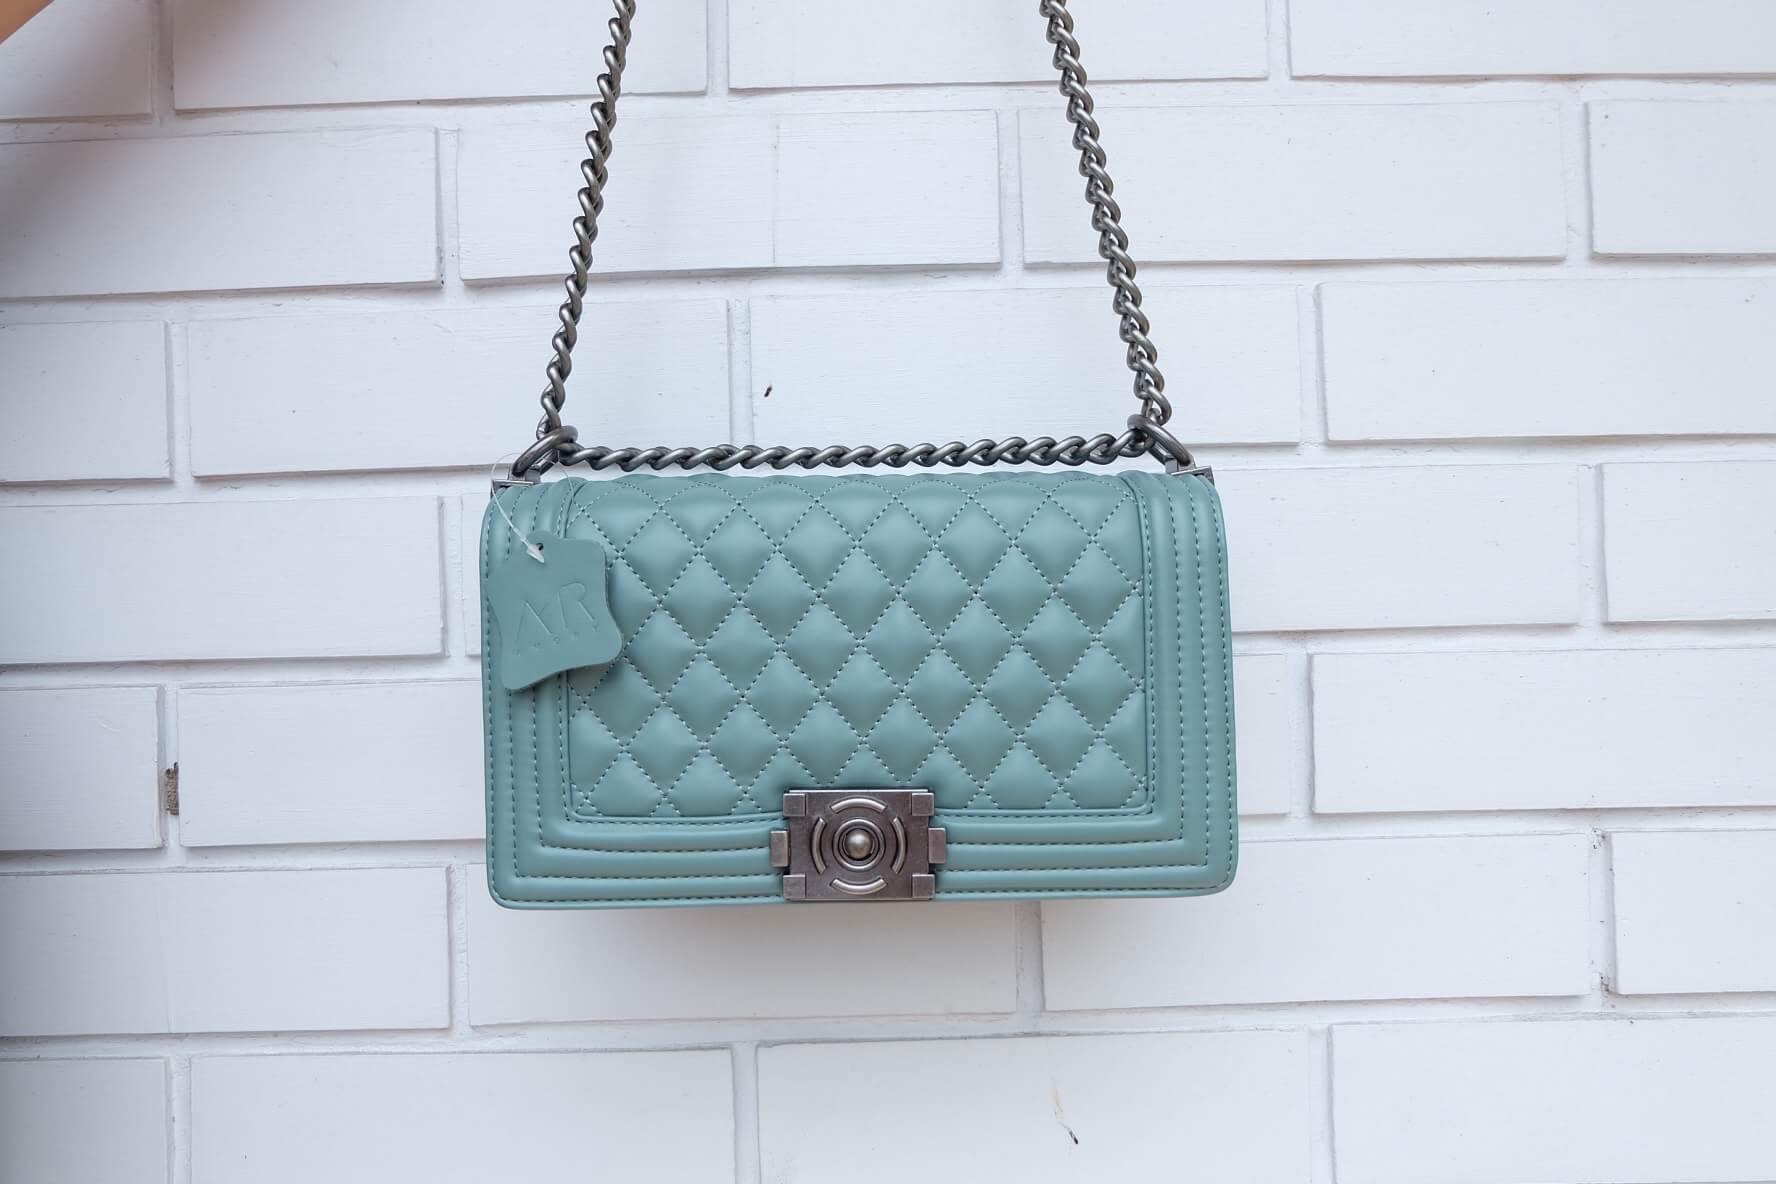 กระเป๋า Amory chain large shoulder bag สีฟ้า ทรง Chanel สวยหรูมาก